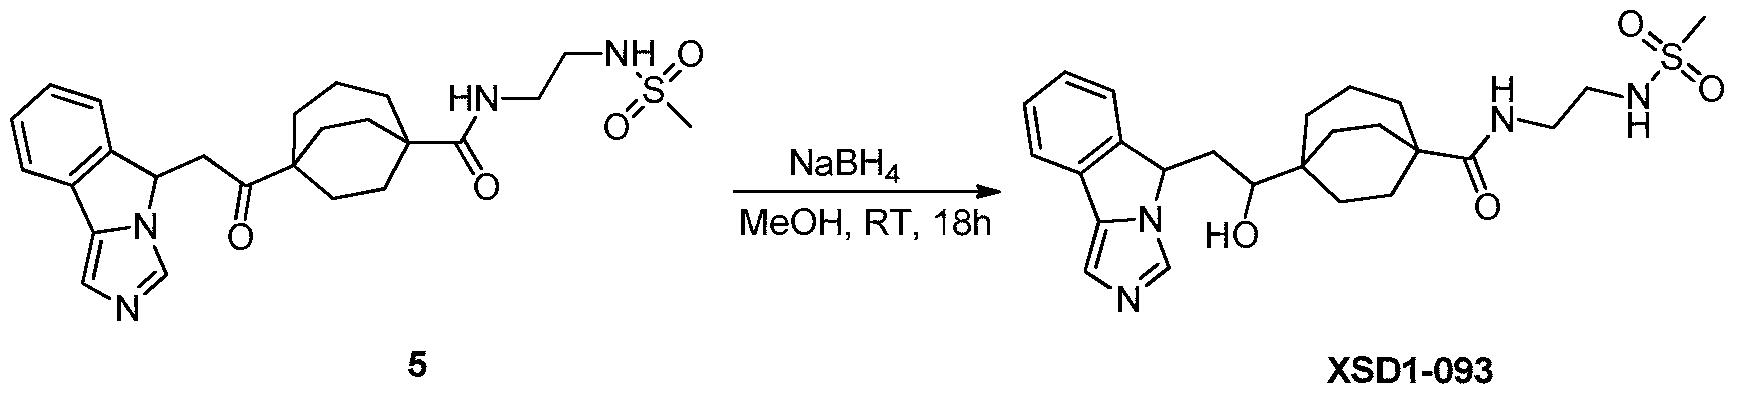 Figure PCTCN2017084604-appb-000142